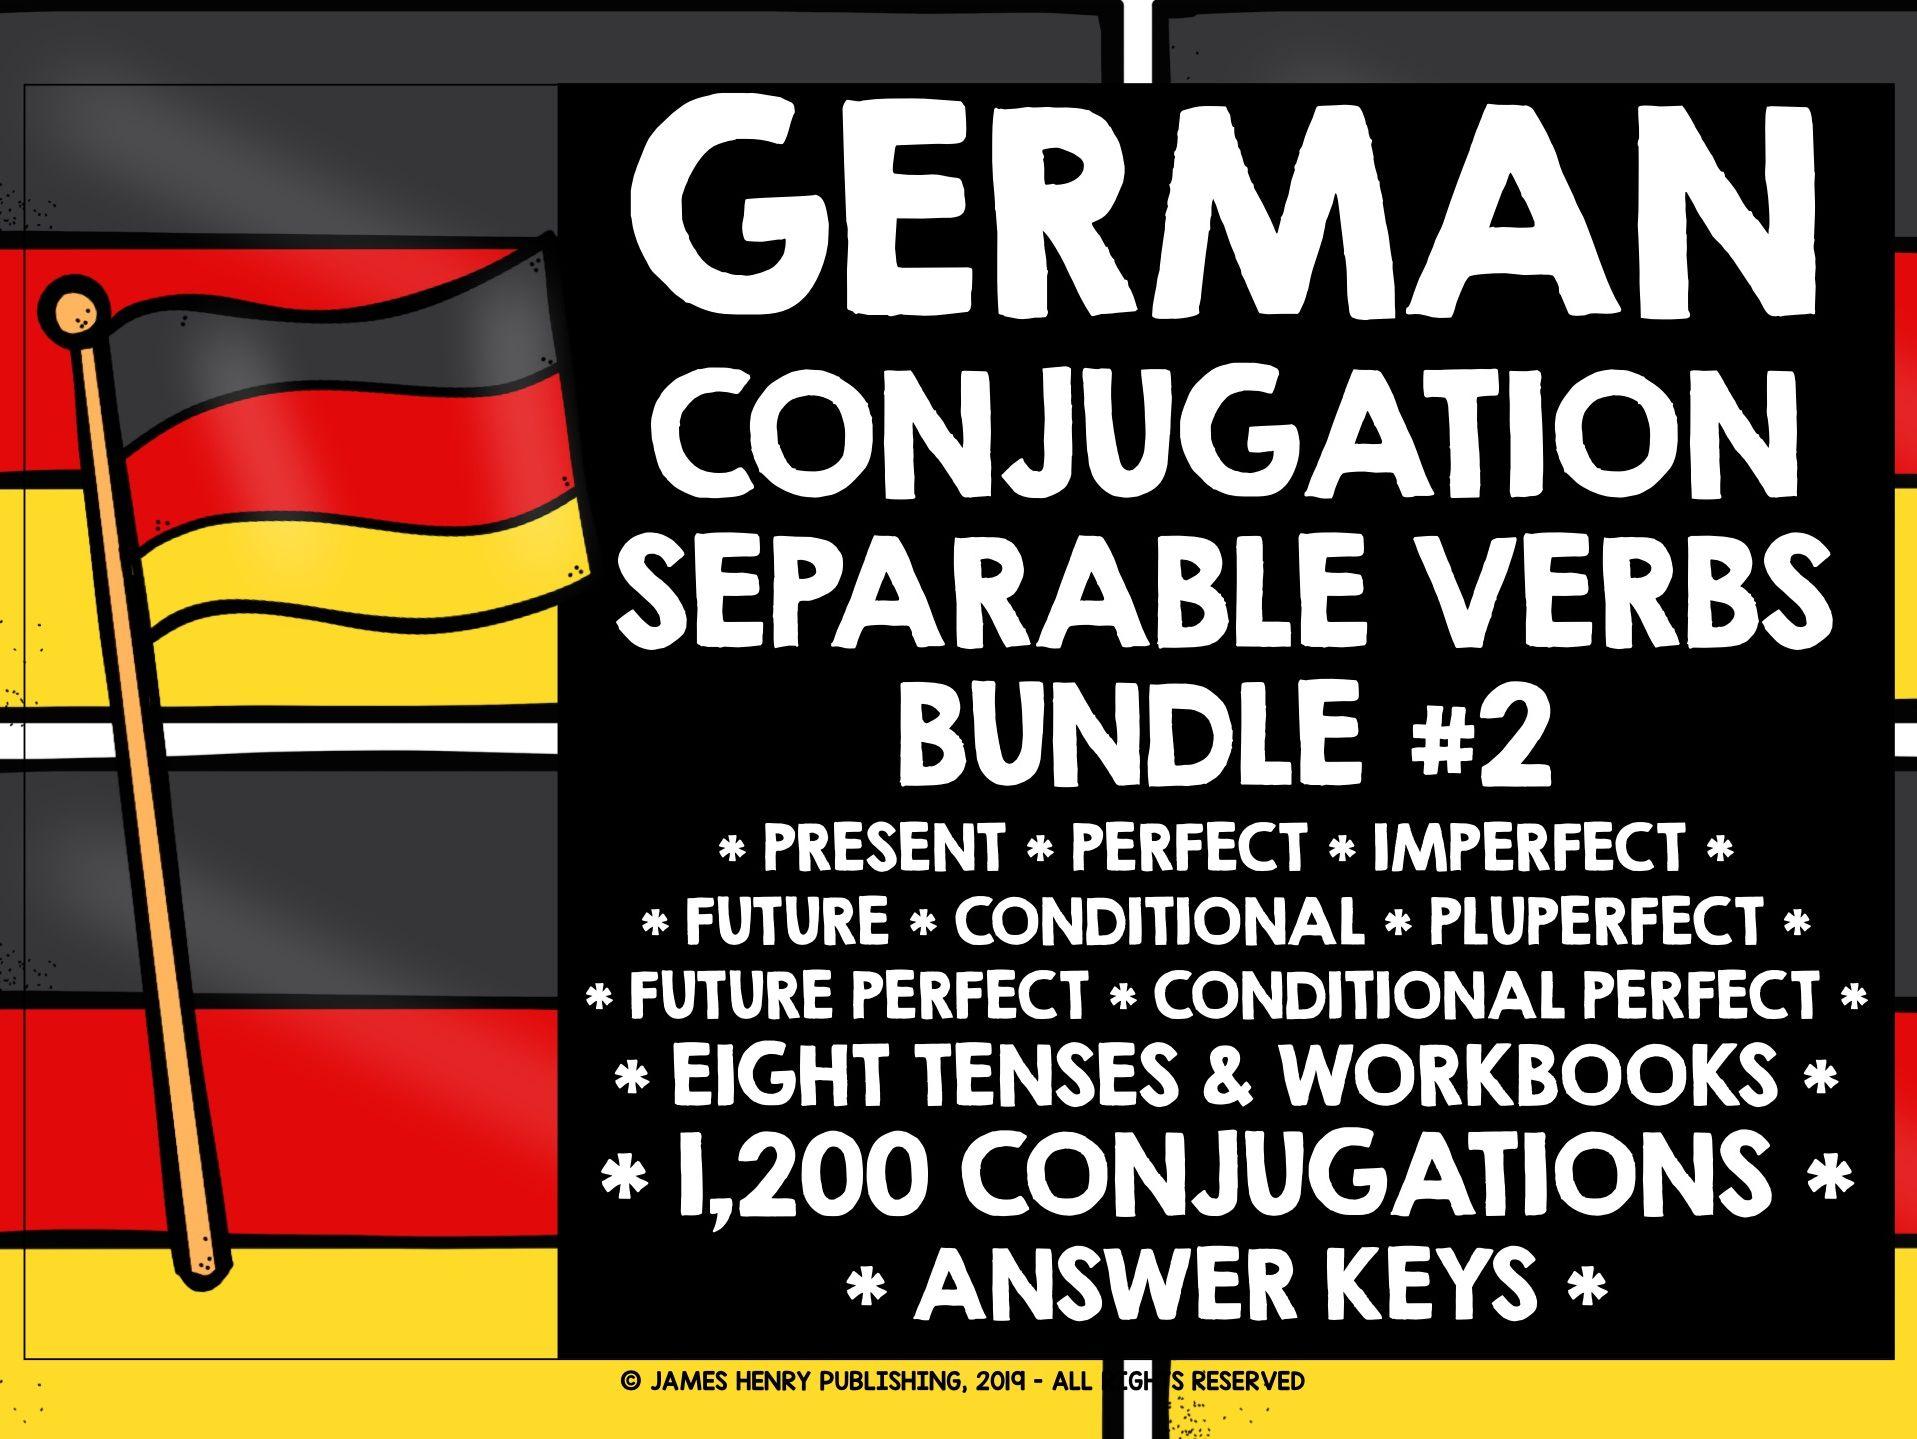 GERMAN SEPARABLE VERBS CONJUGATION PRACTICE #2